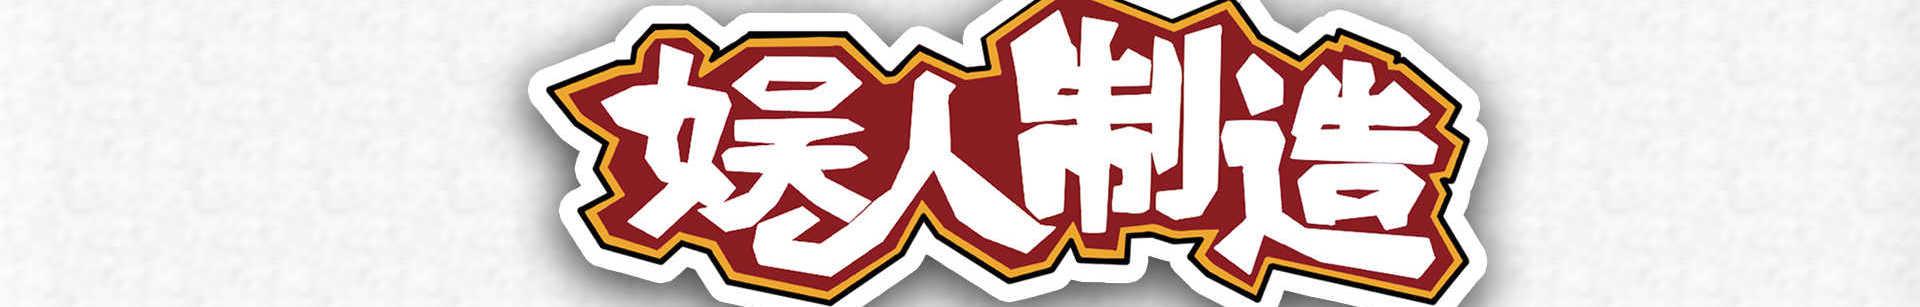 娱人制造官方 banner